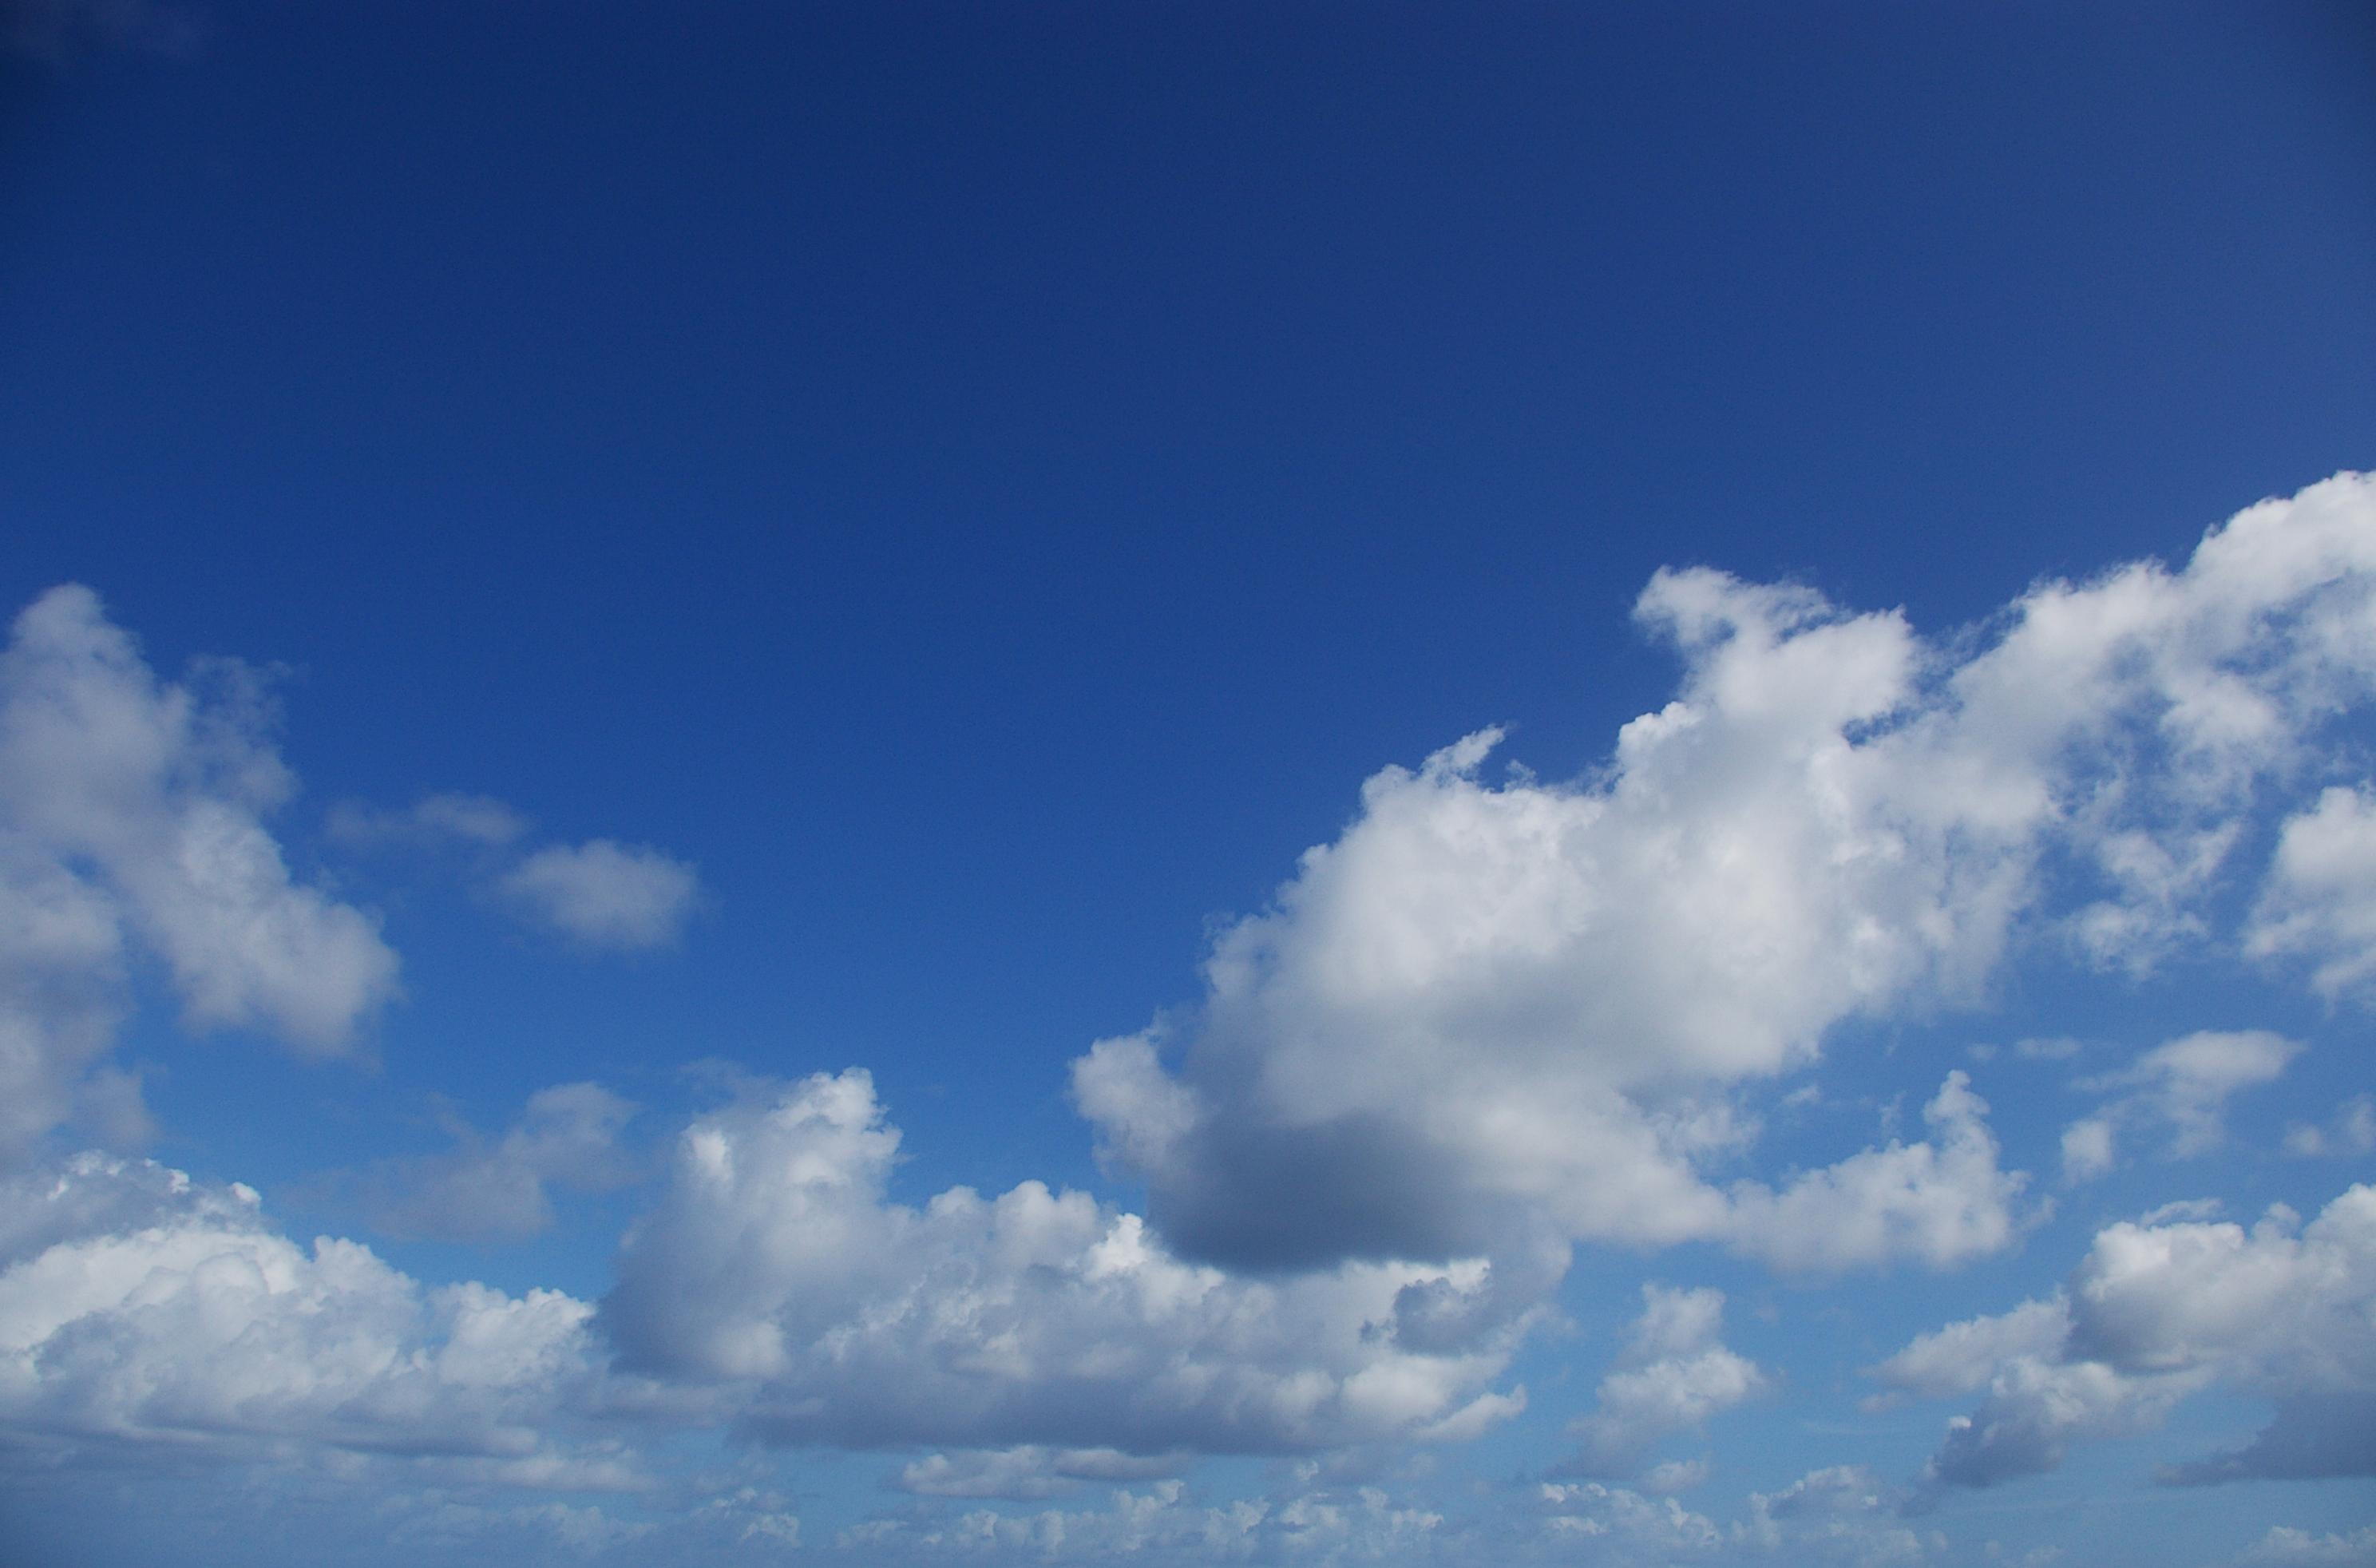 A Perfect sky, Beautiful, Blue, Clouds, Nature, HQ Photo